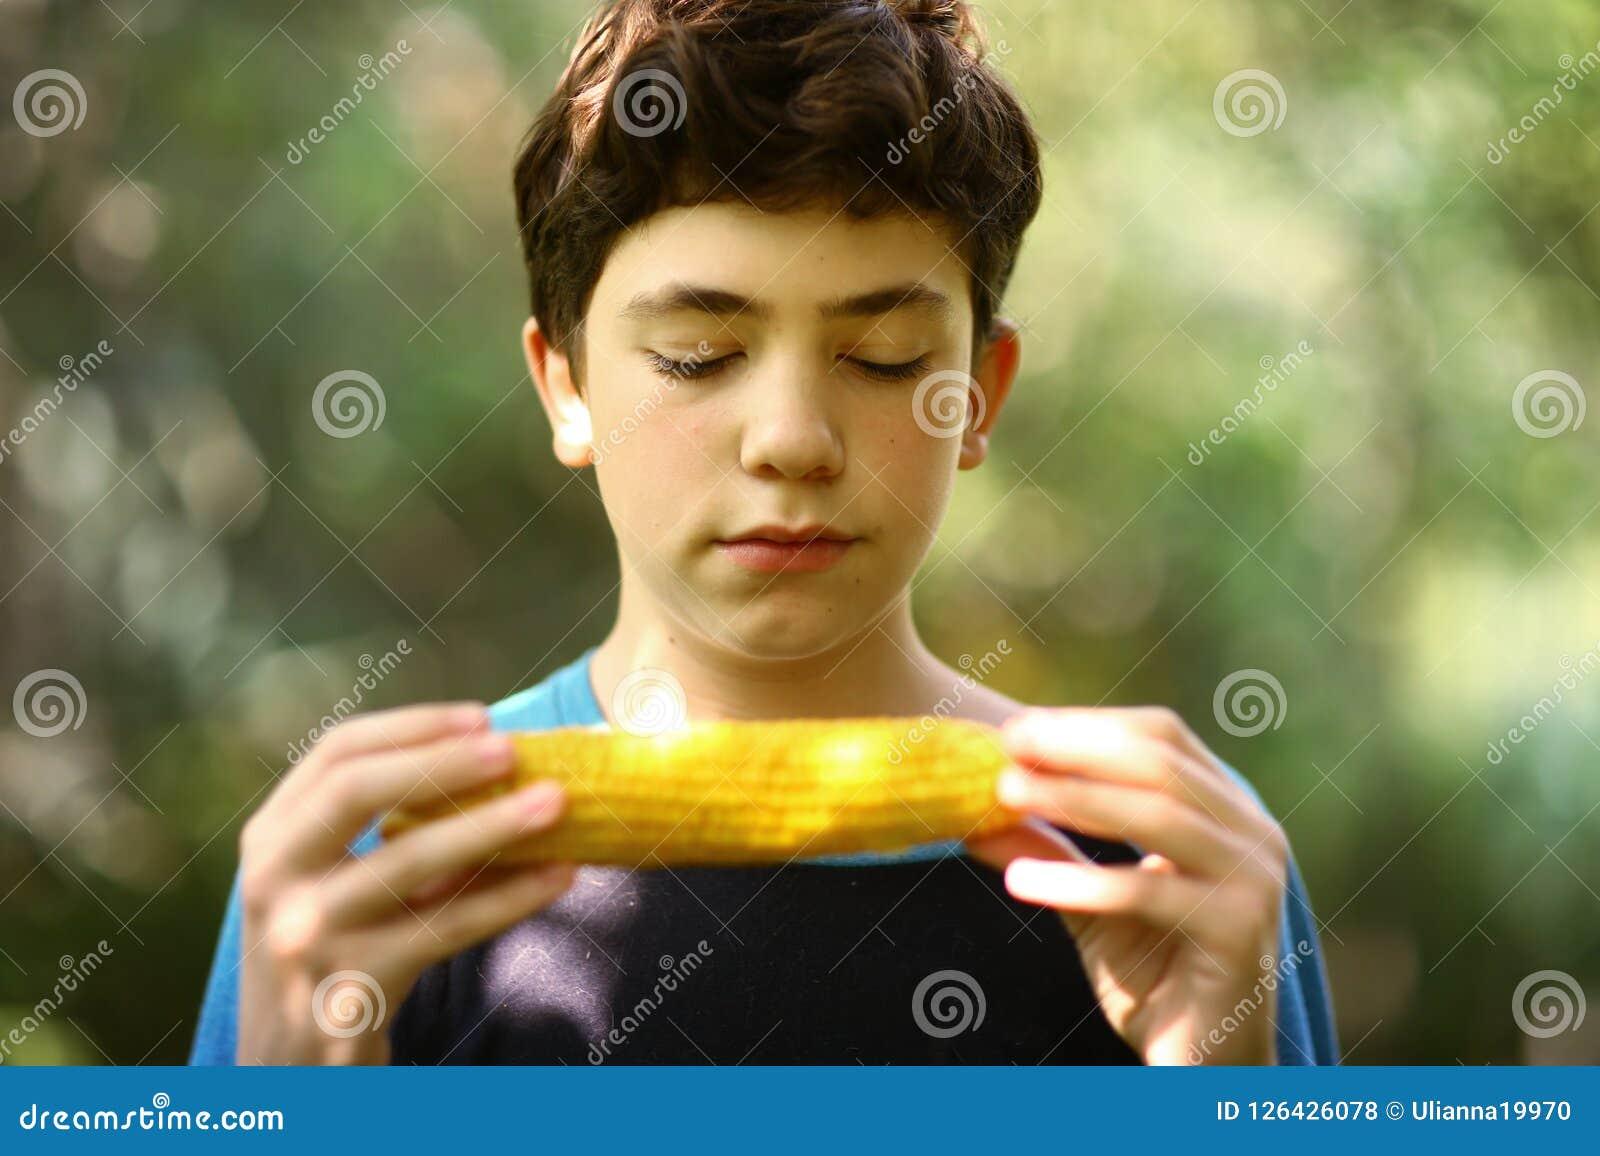 Tonåringpojke som äter kokt slut för havremajskolv upp fotoet